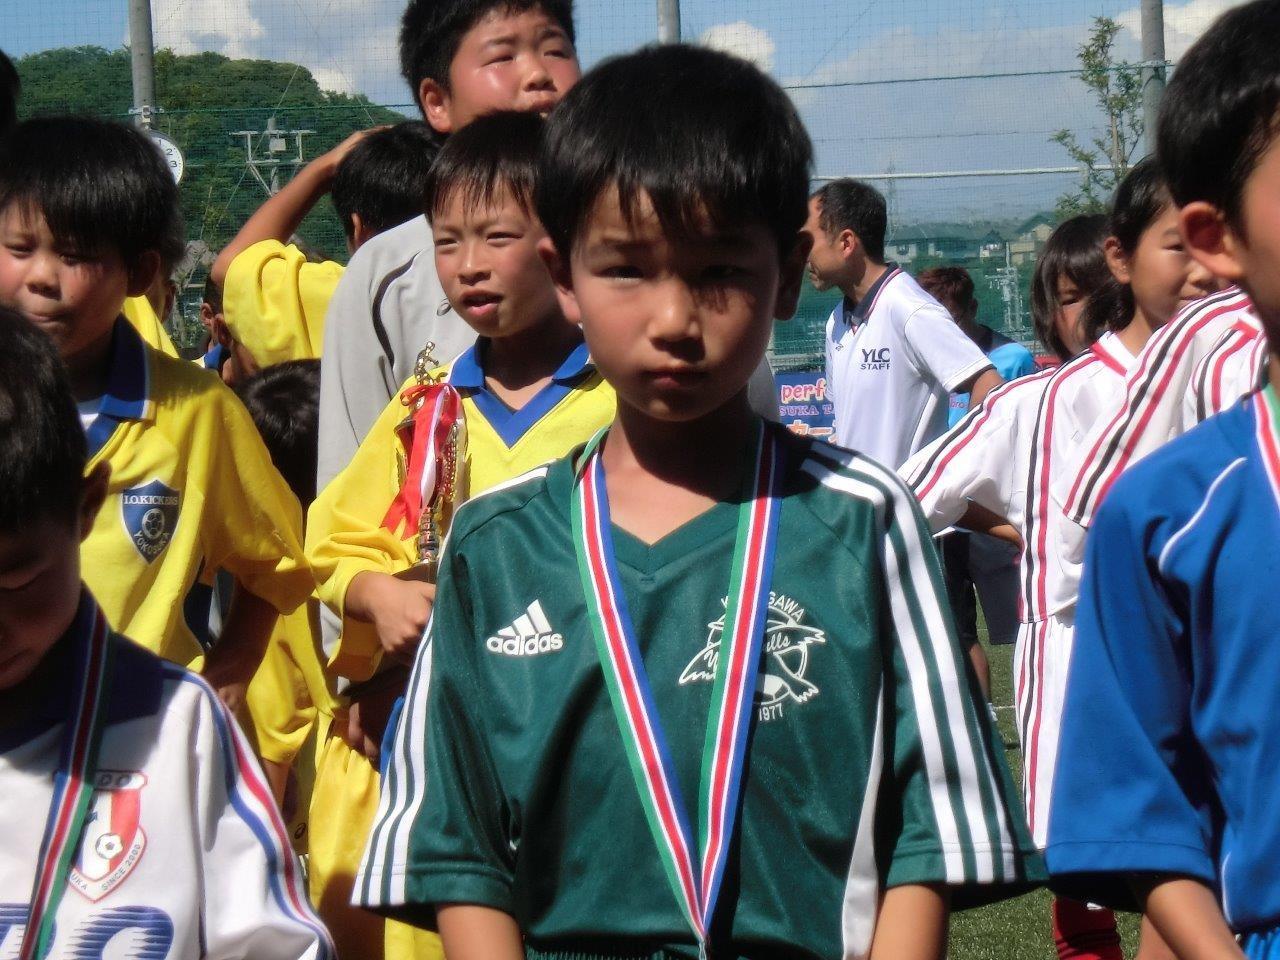 ライオンズカップ U-8 優秀選手賞